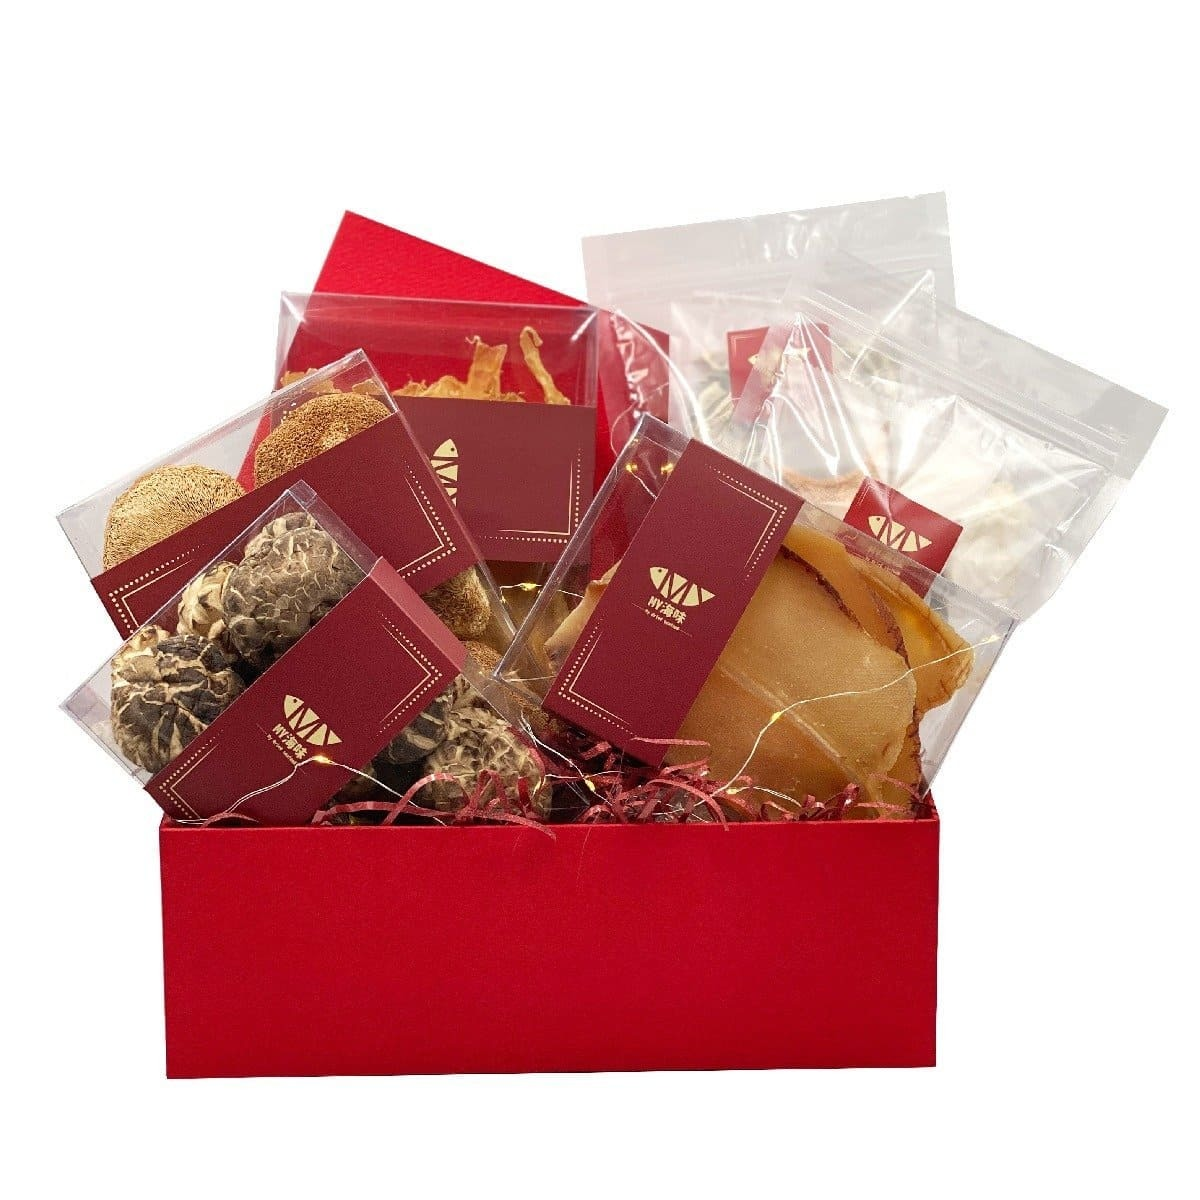 海味禮盒|創意母親節小禮物推薦2021|Kama Delivery到會外賣速遞服務專家